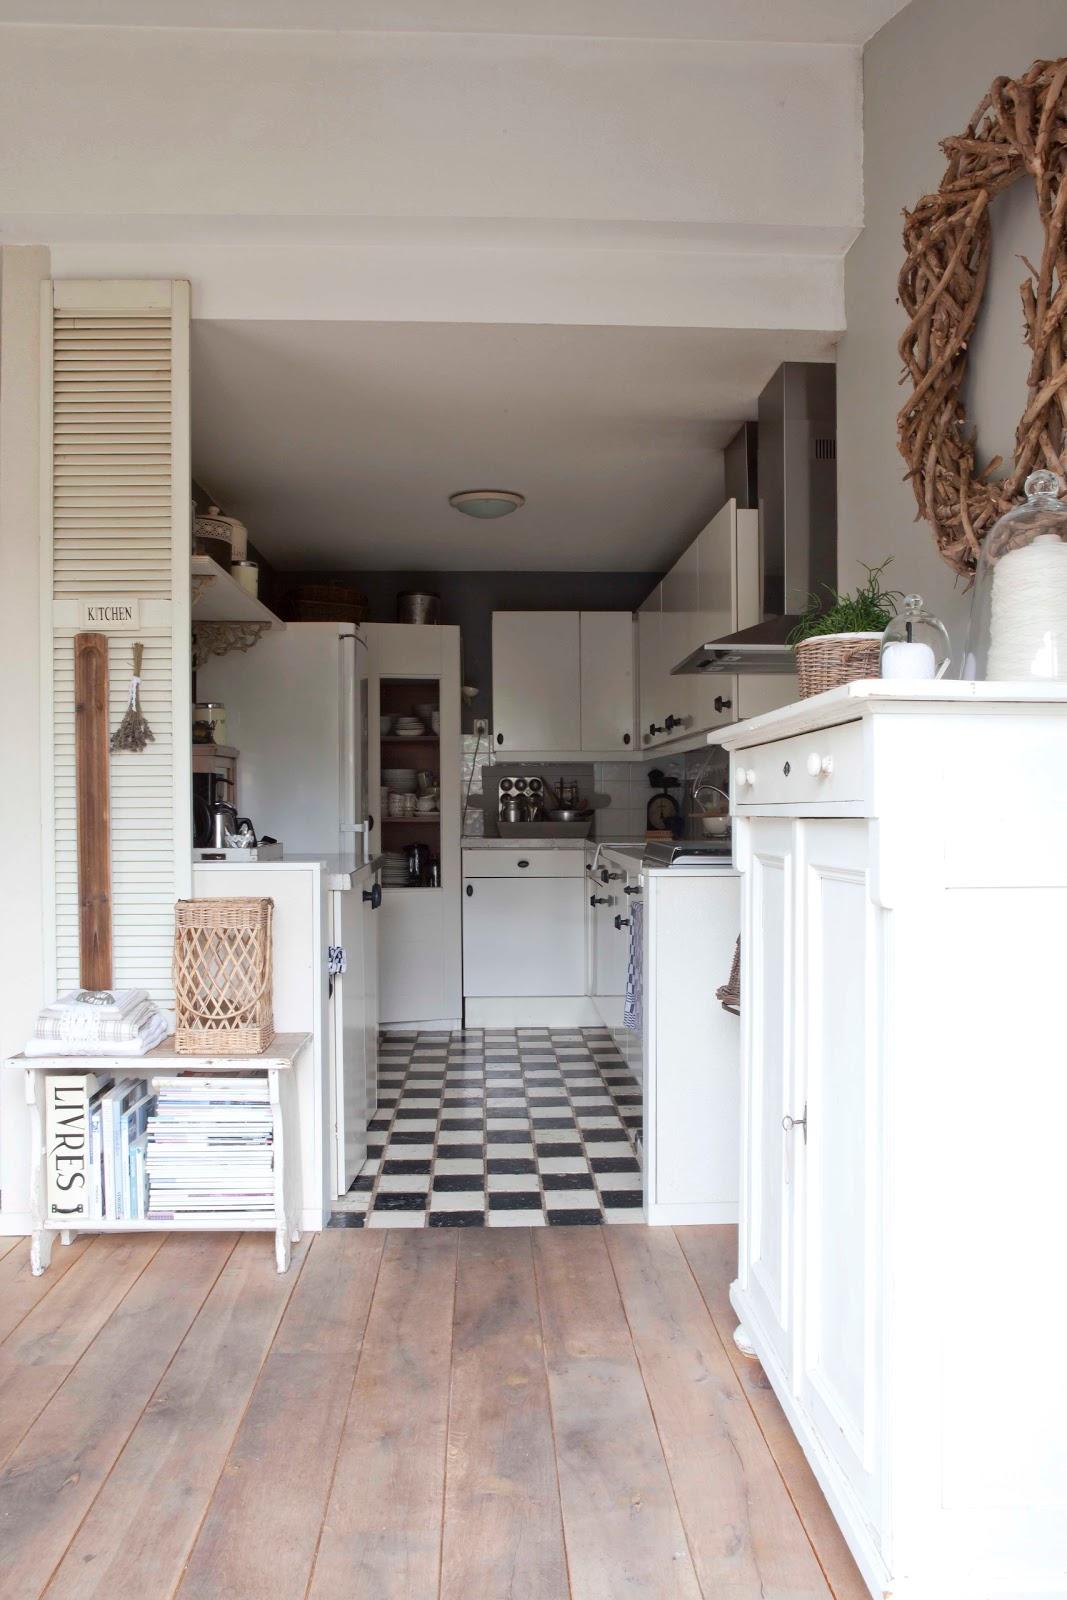 Keukenspullen Winkel : nostalgische keukenspullen brocante, antiek en landelijk